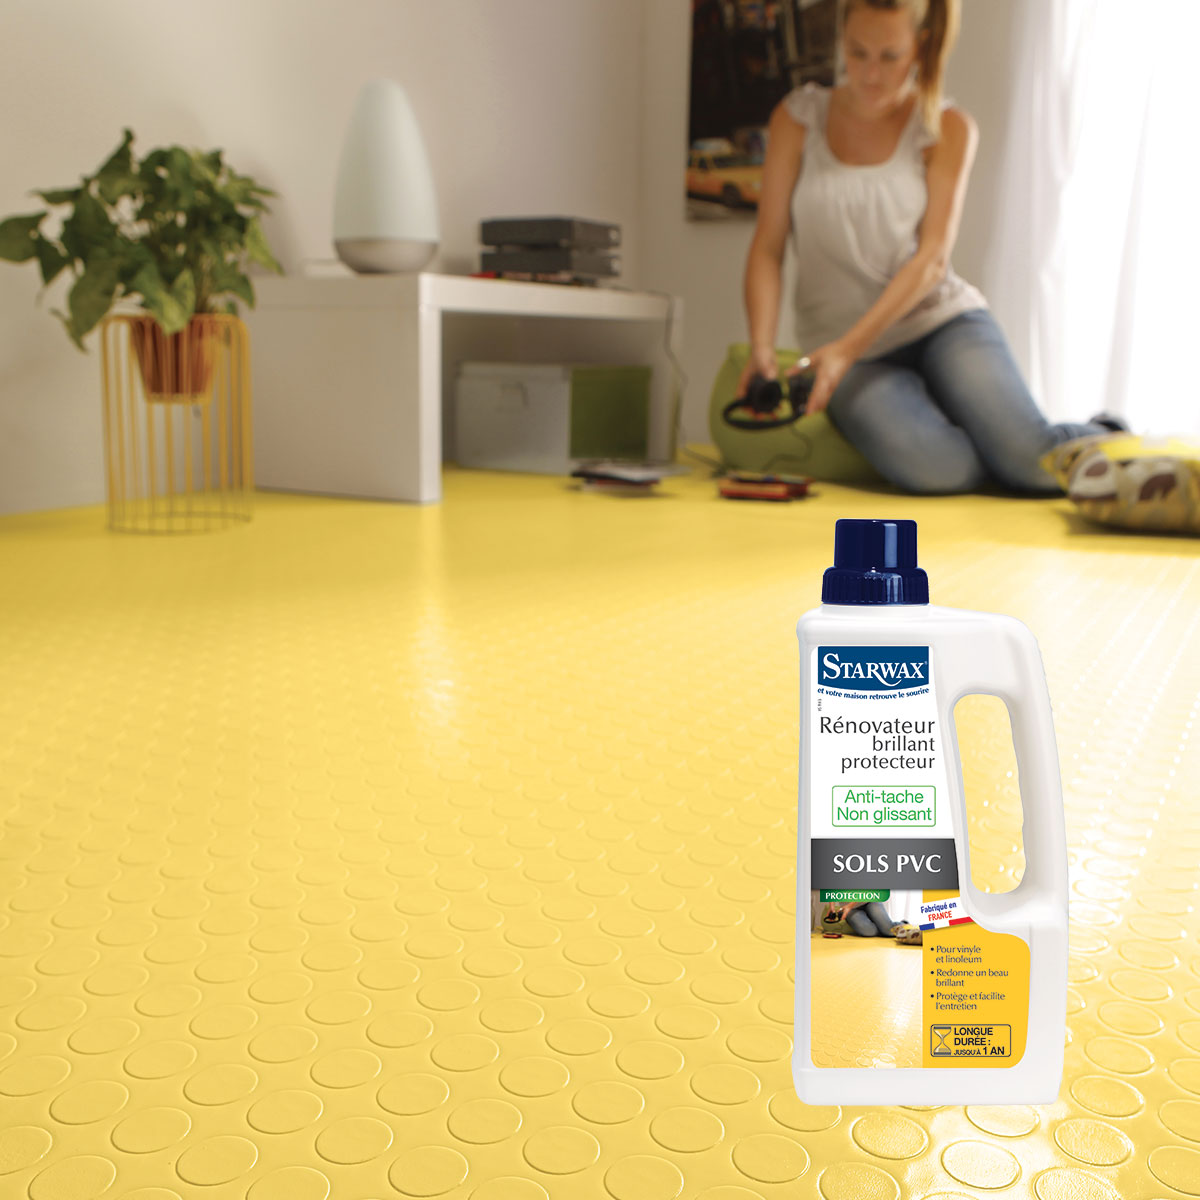 R novateur brillant protecteur pour sols pvc starwax for Produit pour nettoyer les tapis